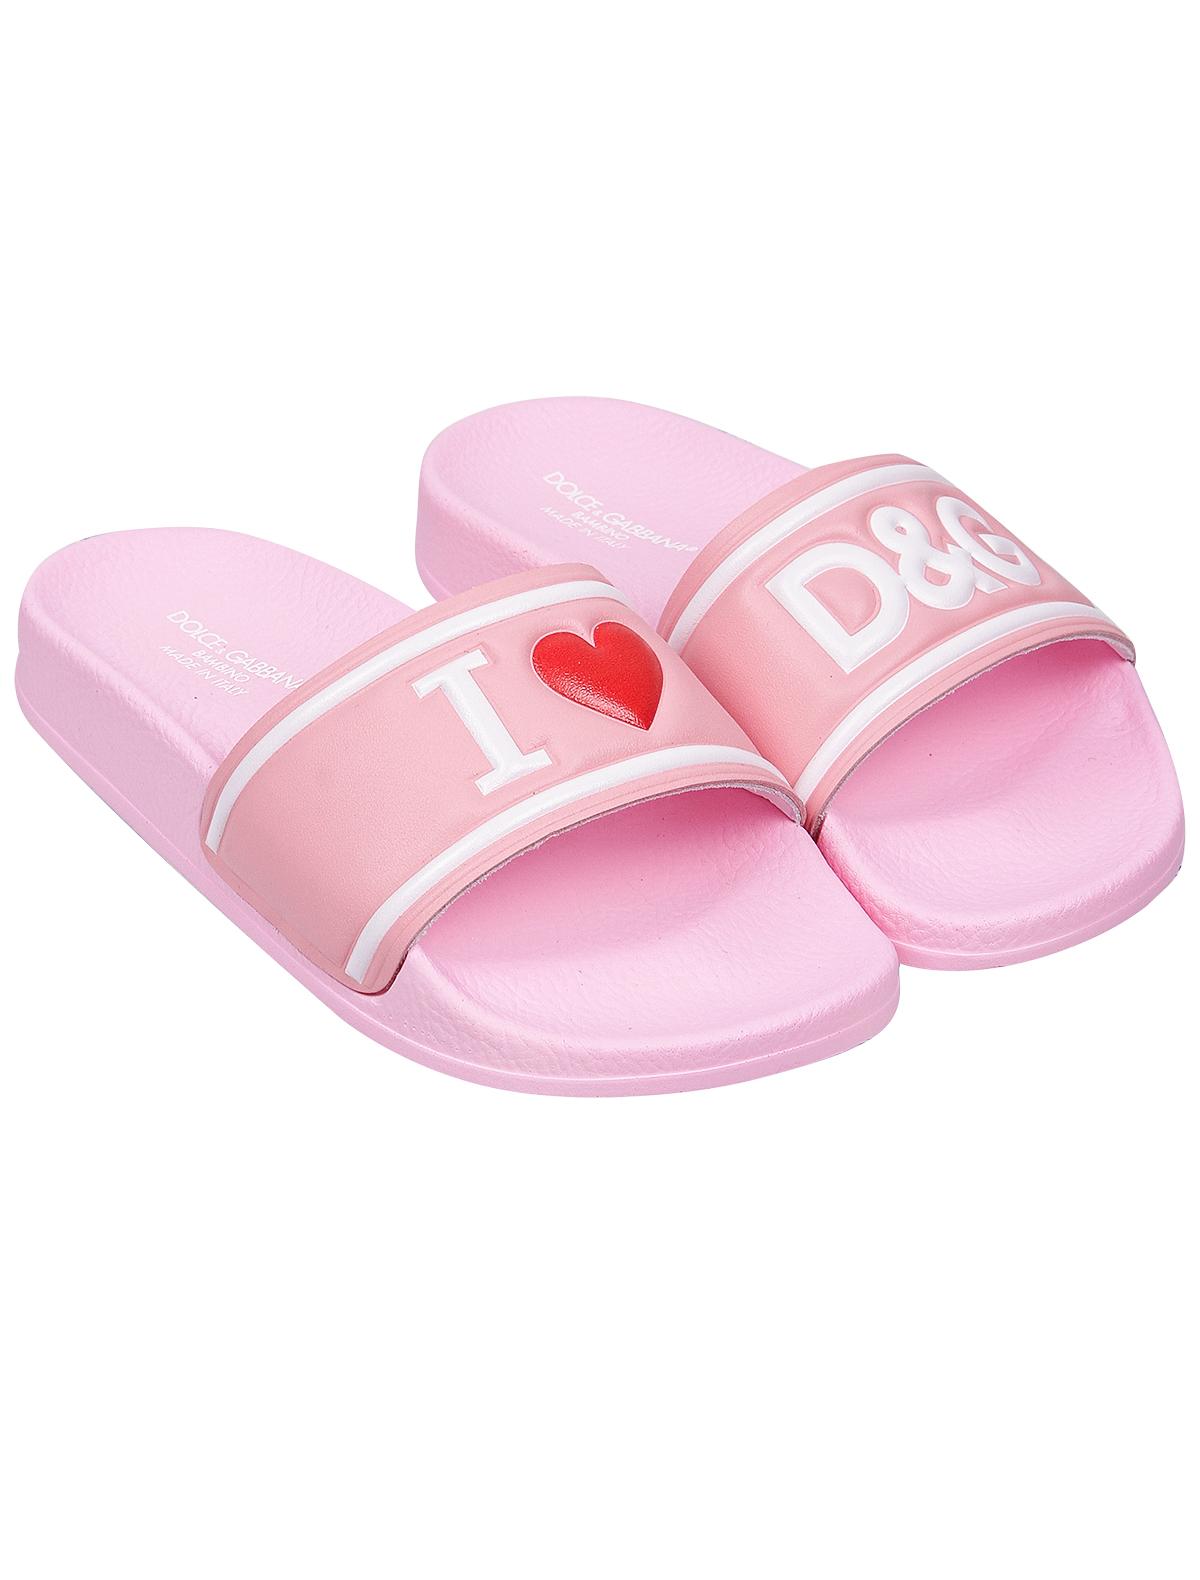 Купить 1950452, Шлепанцы пляжные Dolce & Gabbana, розовый, Женский, 2282609970788